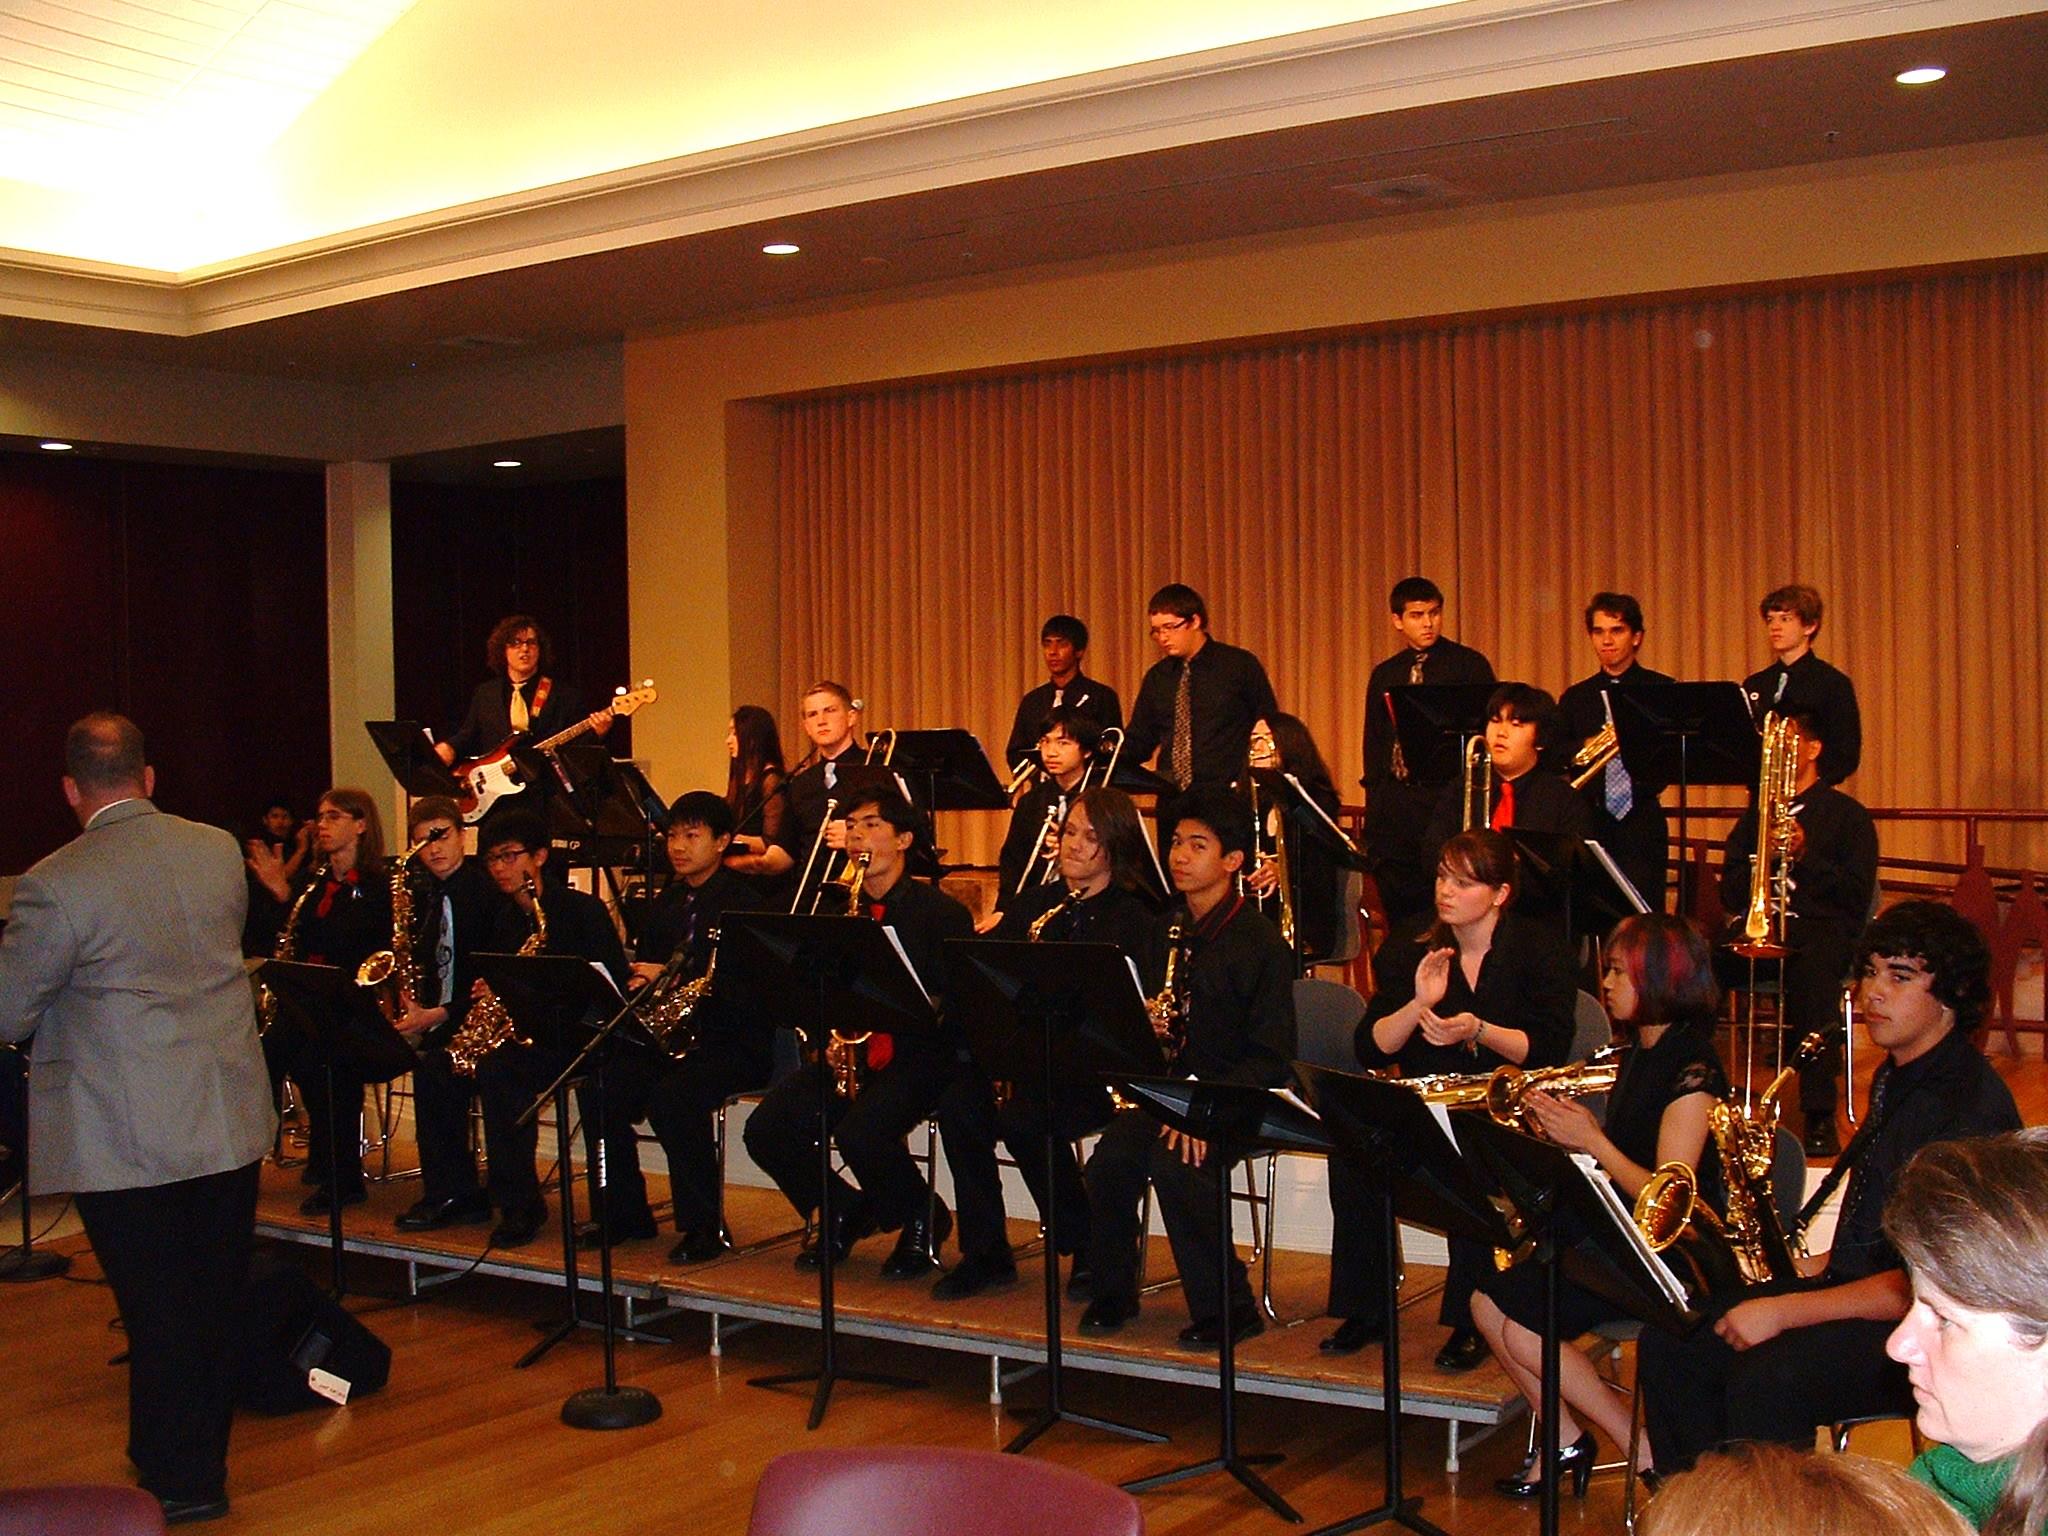 Dublin High School Jazz Band - Jazzin for a Cure 2010